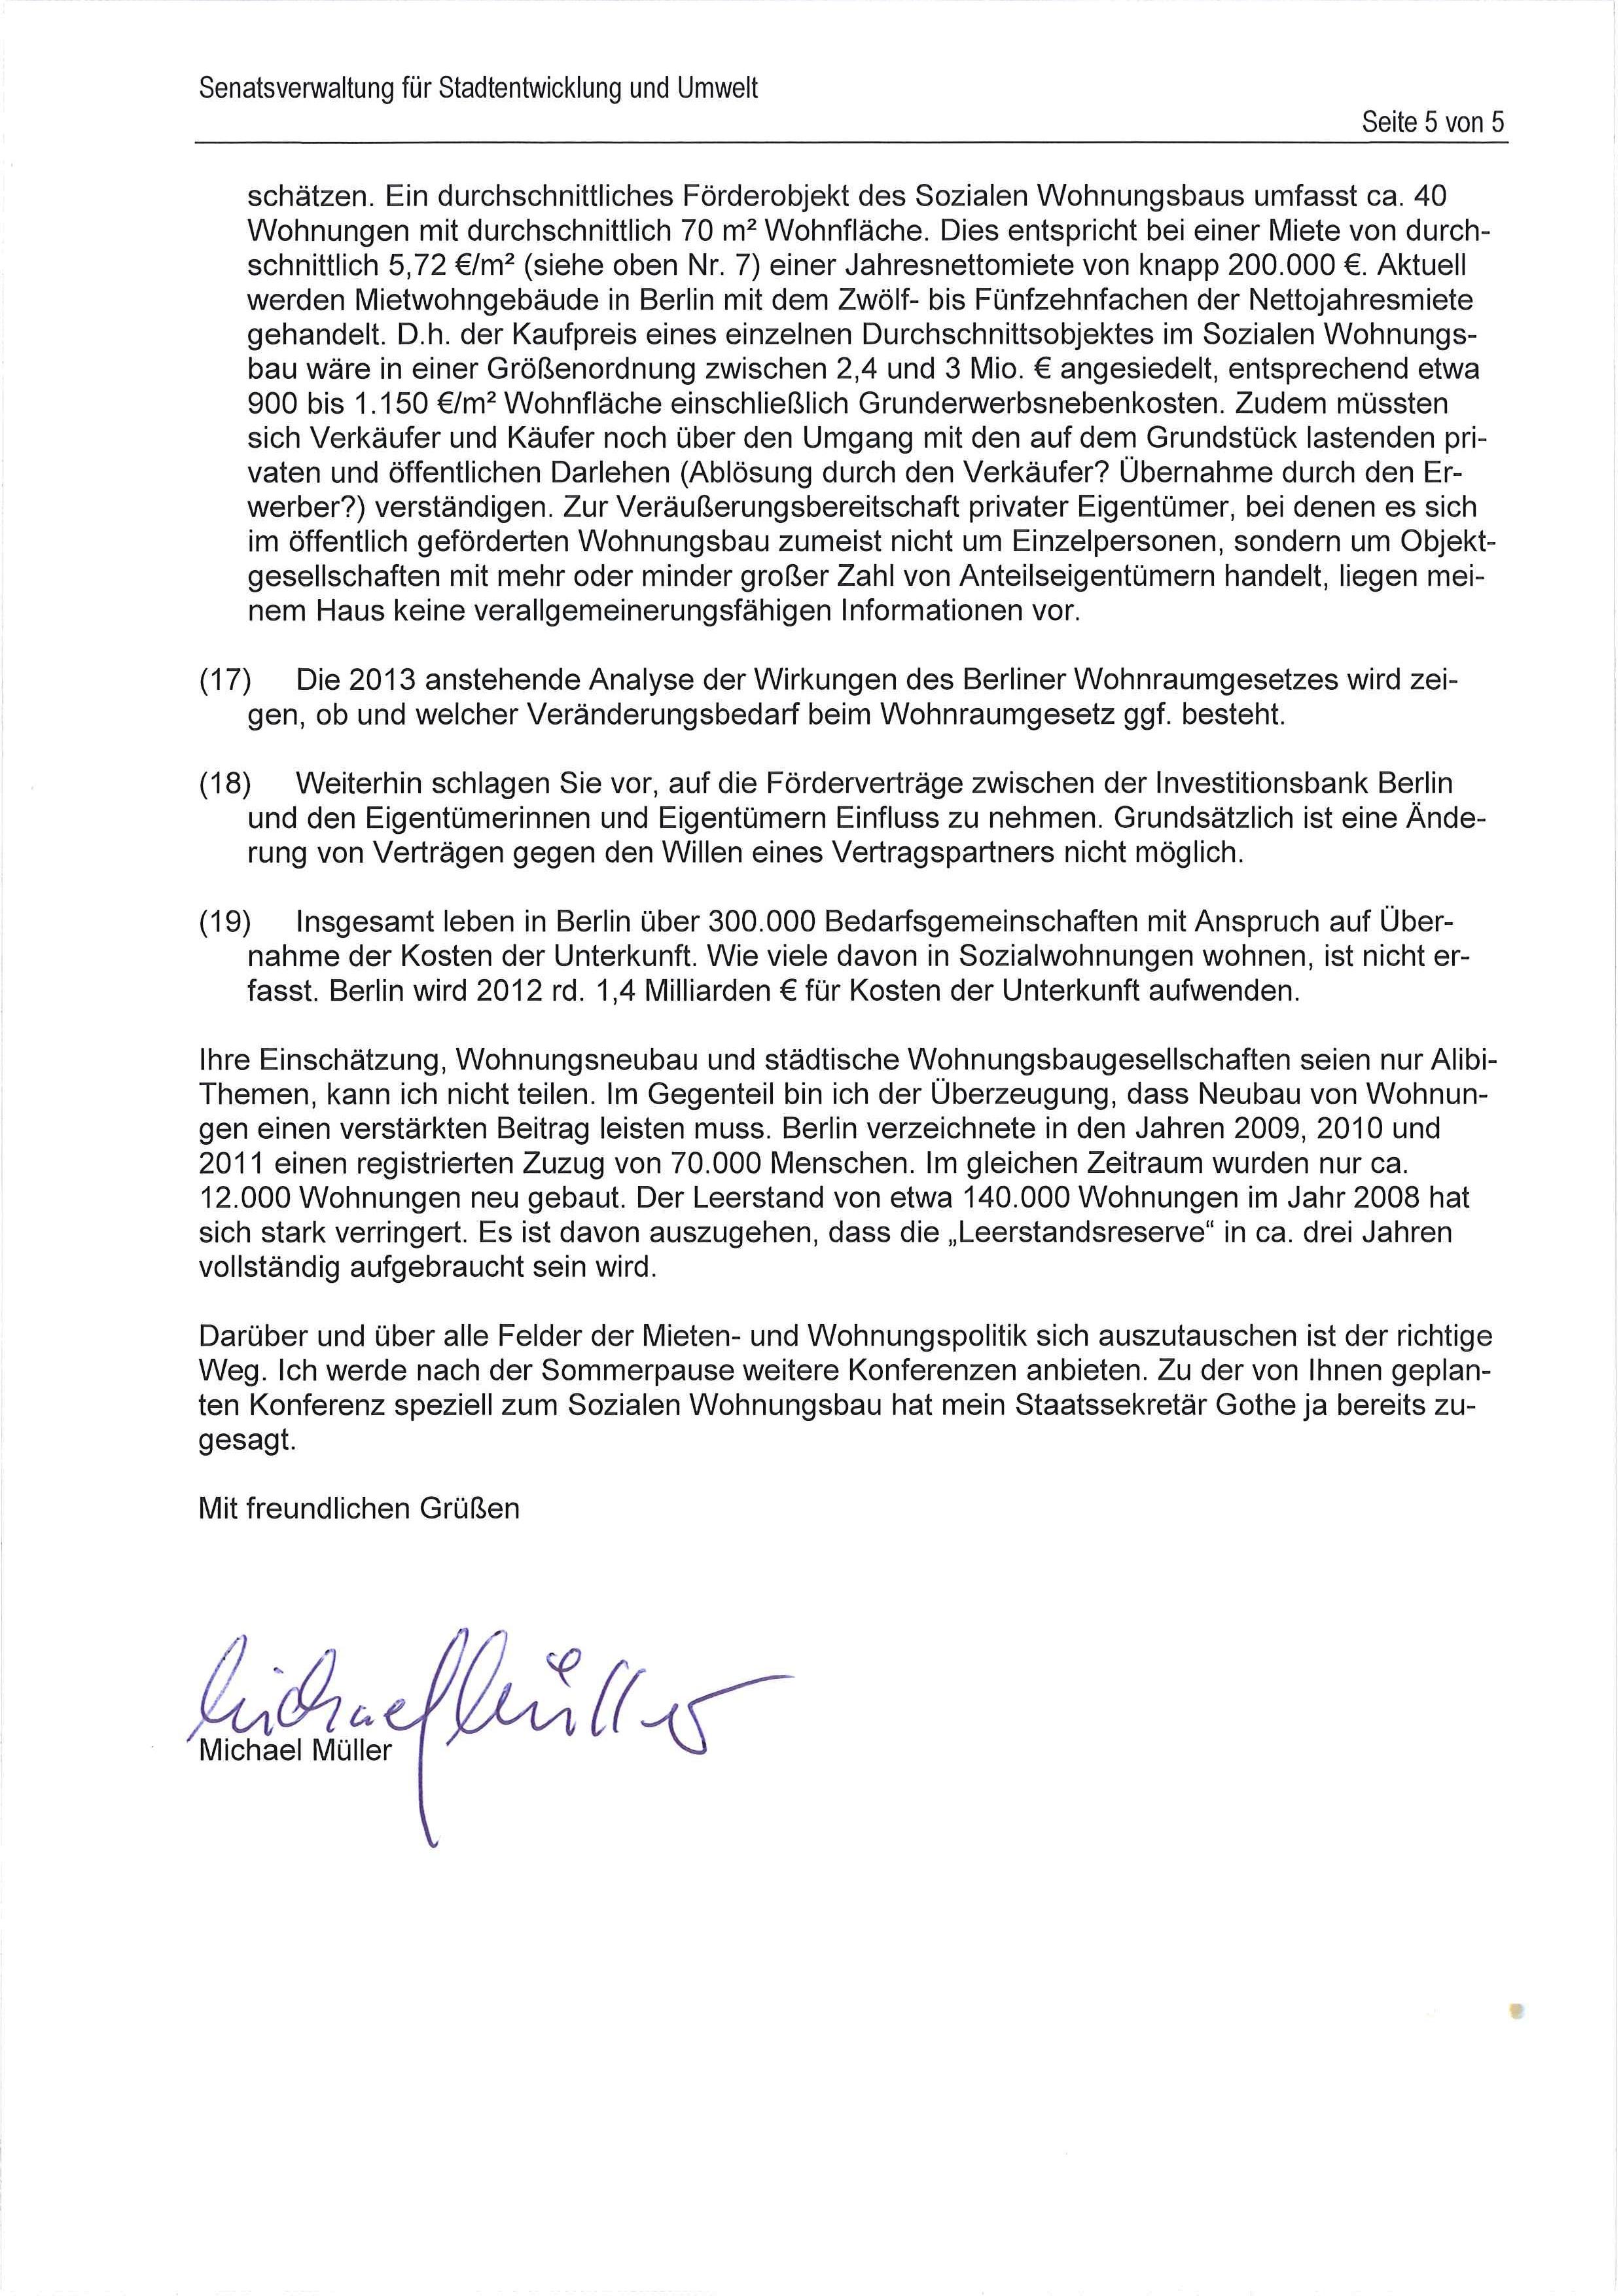 Zur Antwort von Senator Müller | Kotti & Co